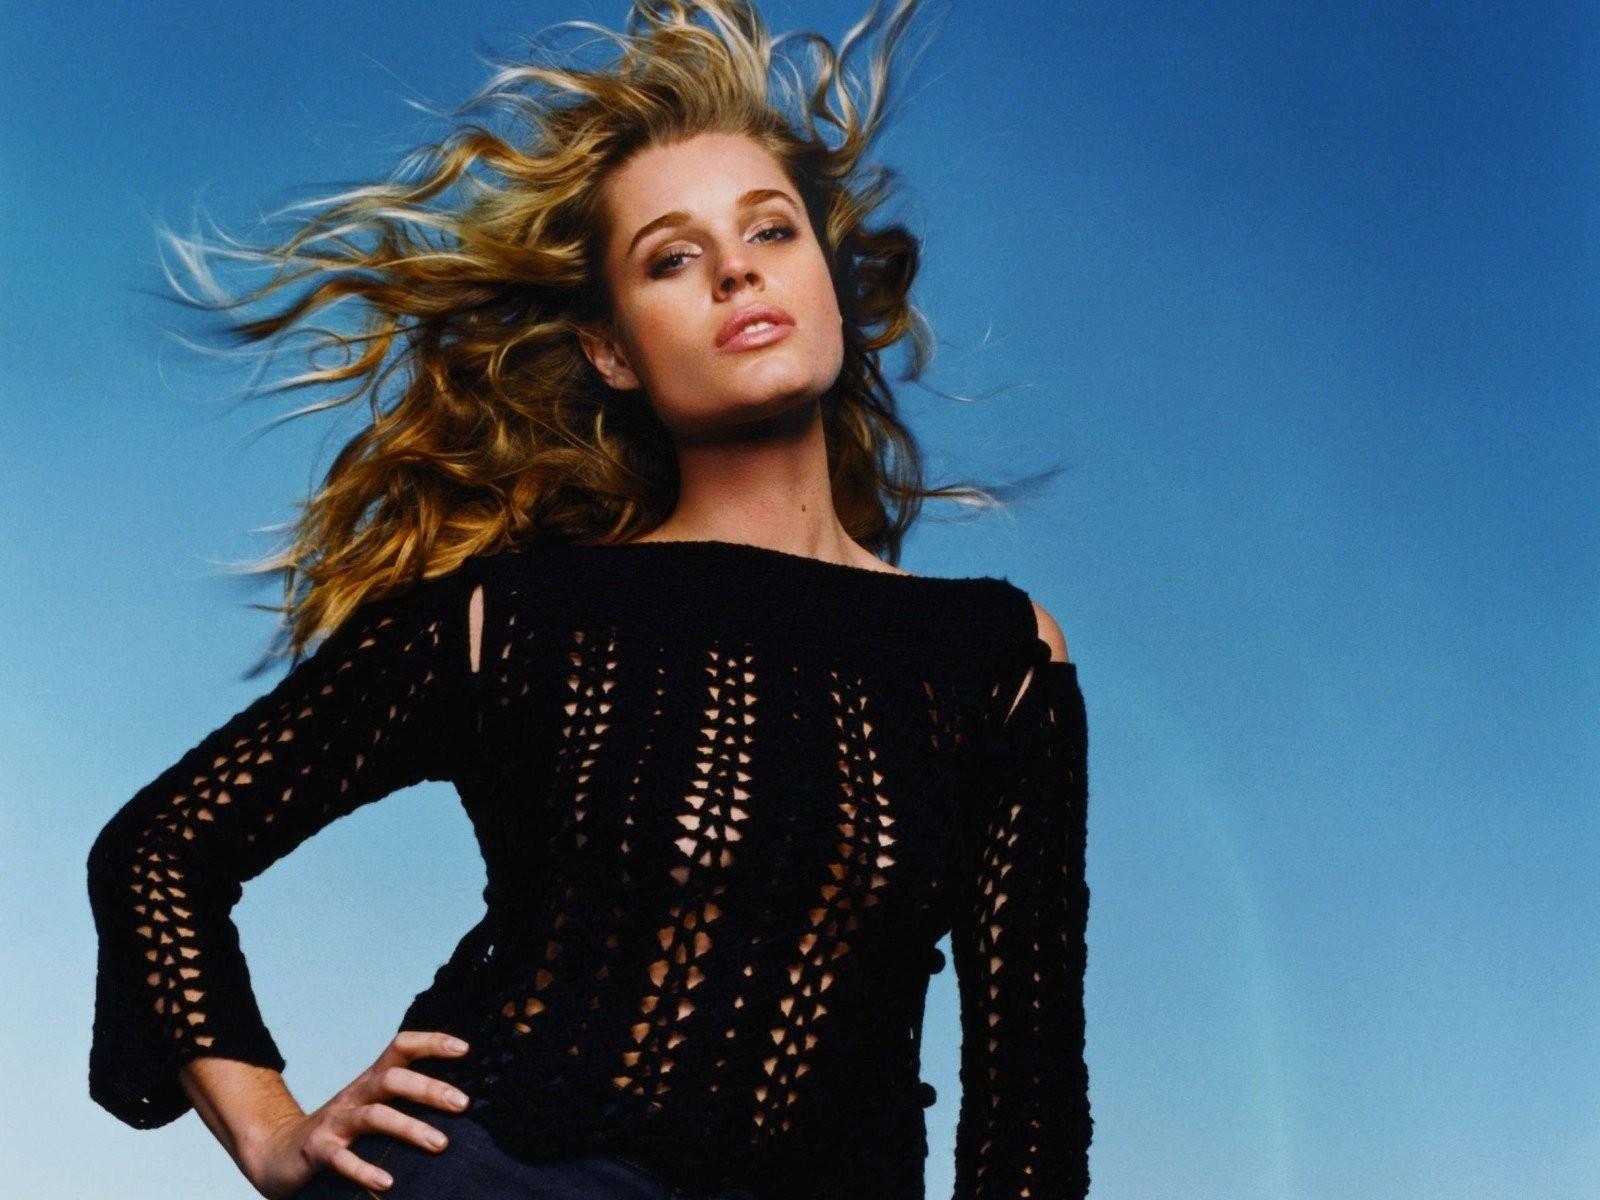 Wallpaper: capelli al vento per Rebecca Romijn